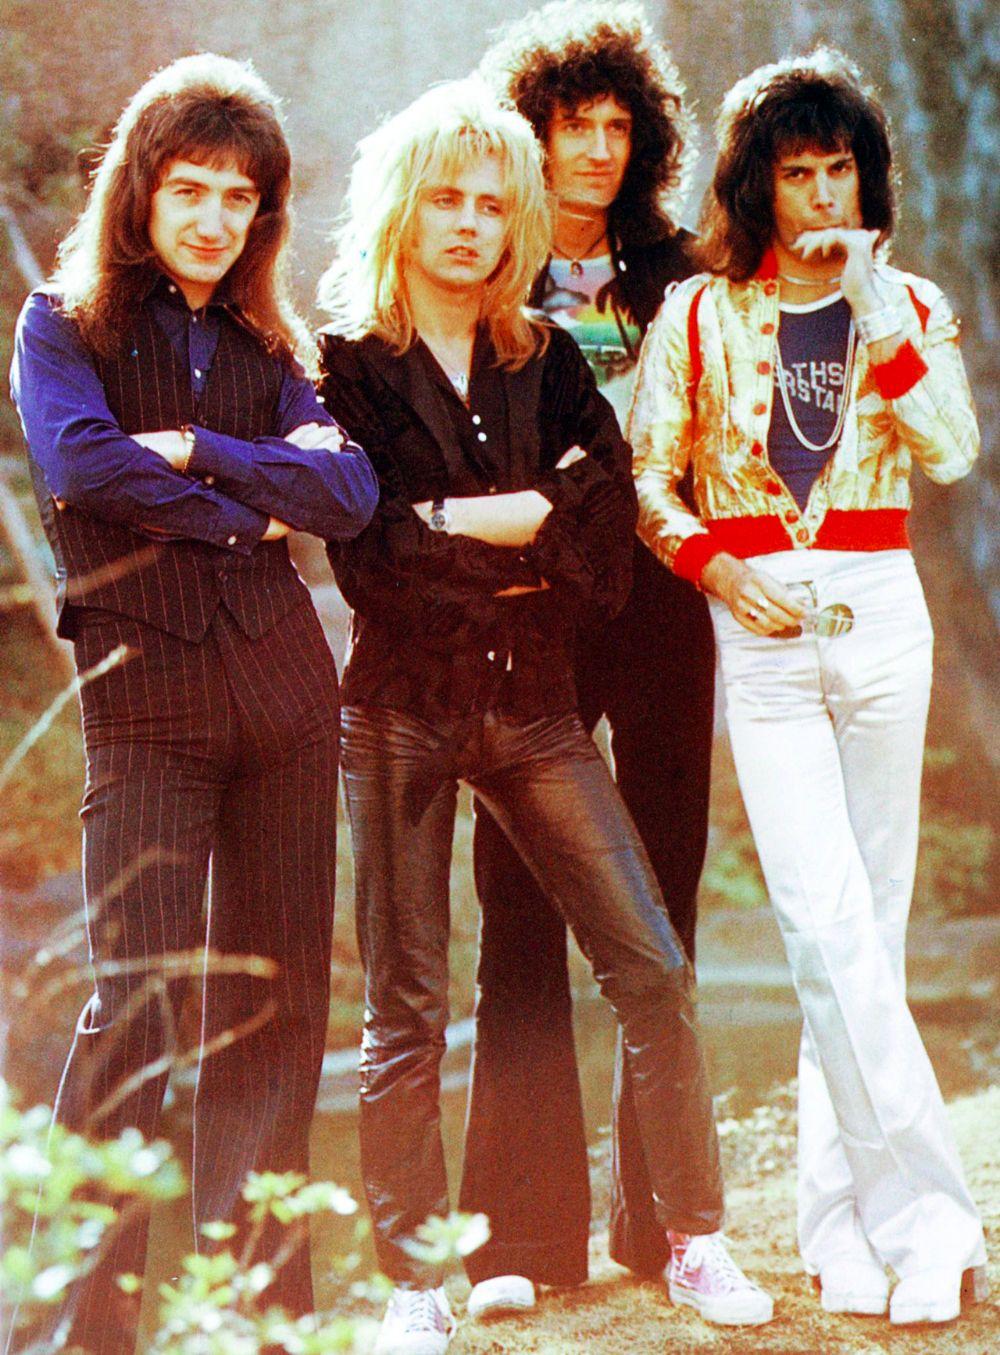 Как «Led Zeppelin», «Queen», Дэвид Боуи и другие рок-звёзды ездили по Японии в 1970-80-х годах 3